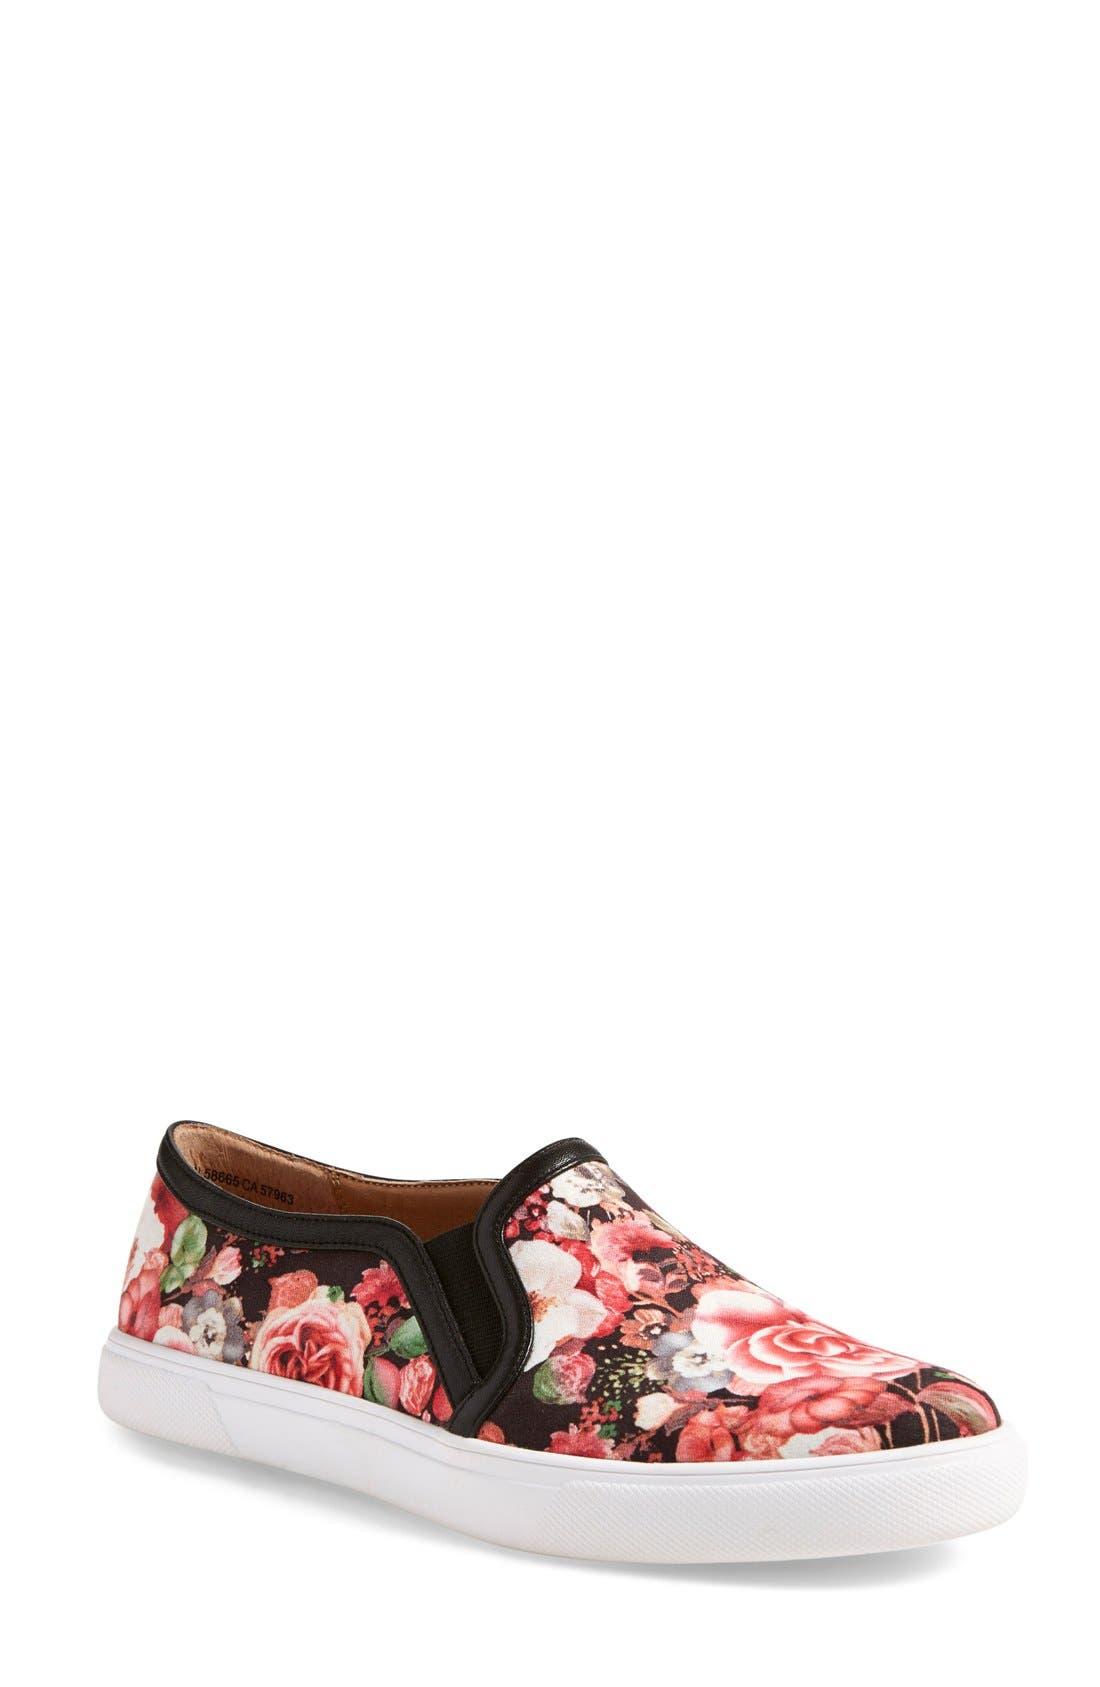 Alternate Image 1 Selected - Halogen® 'Turner' Slip-On Sneaker (Women)